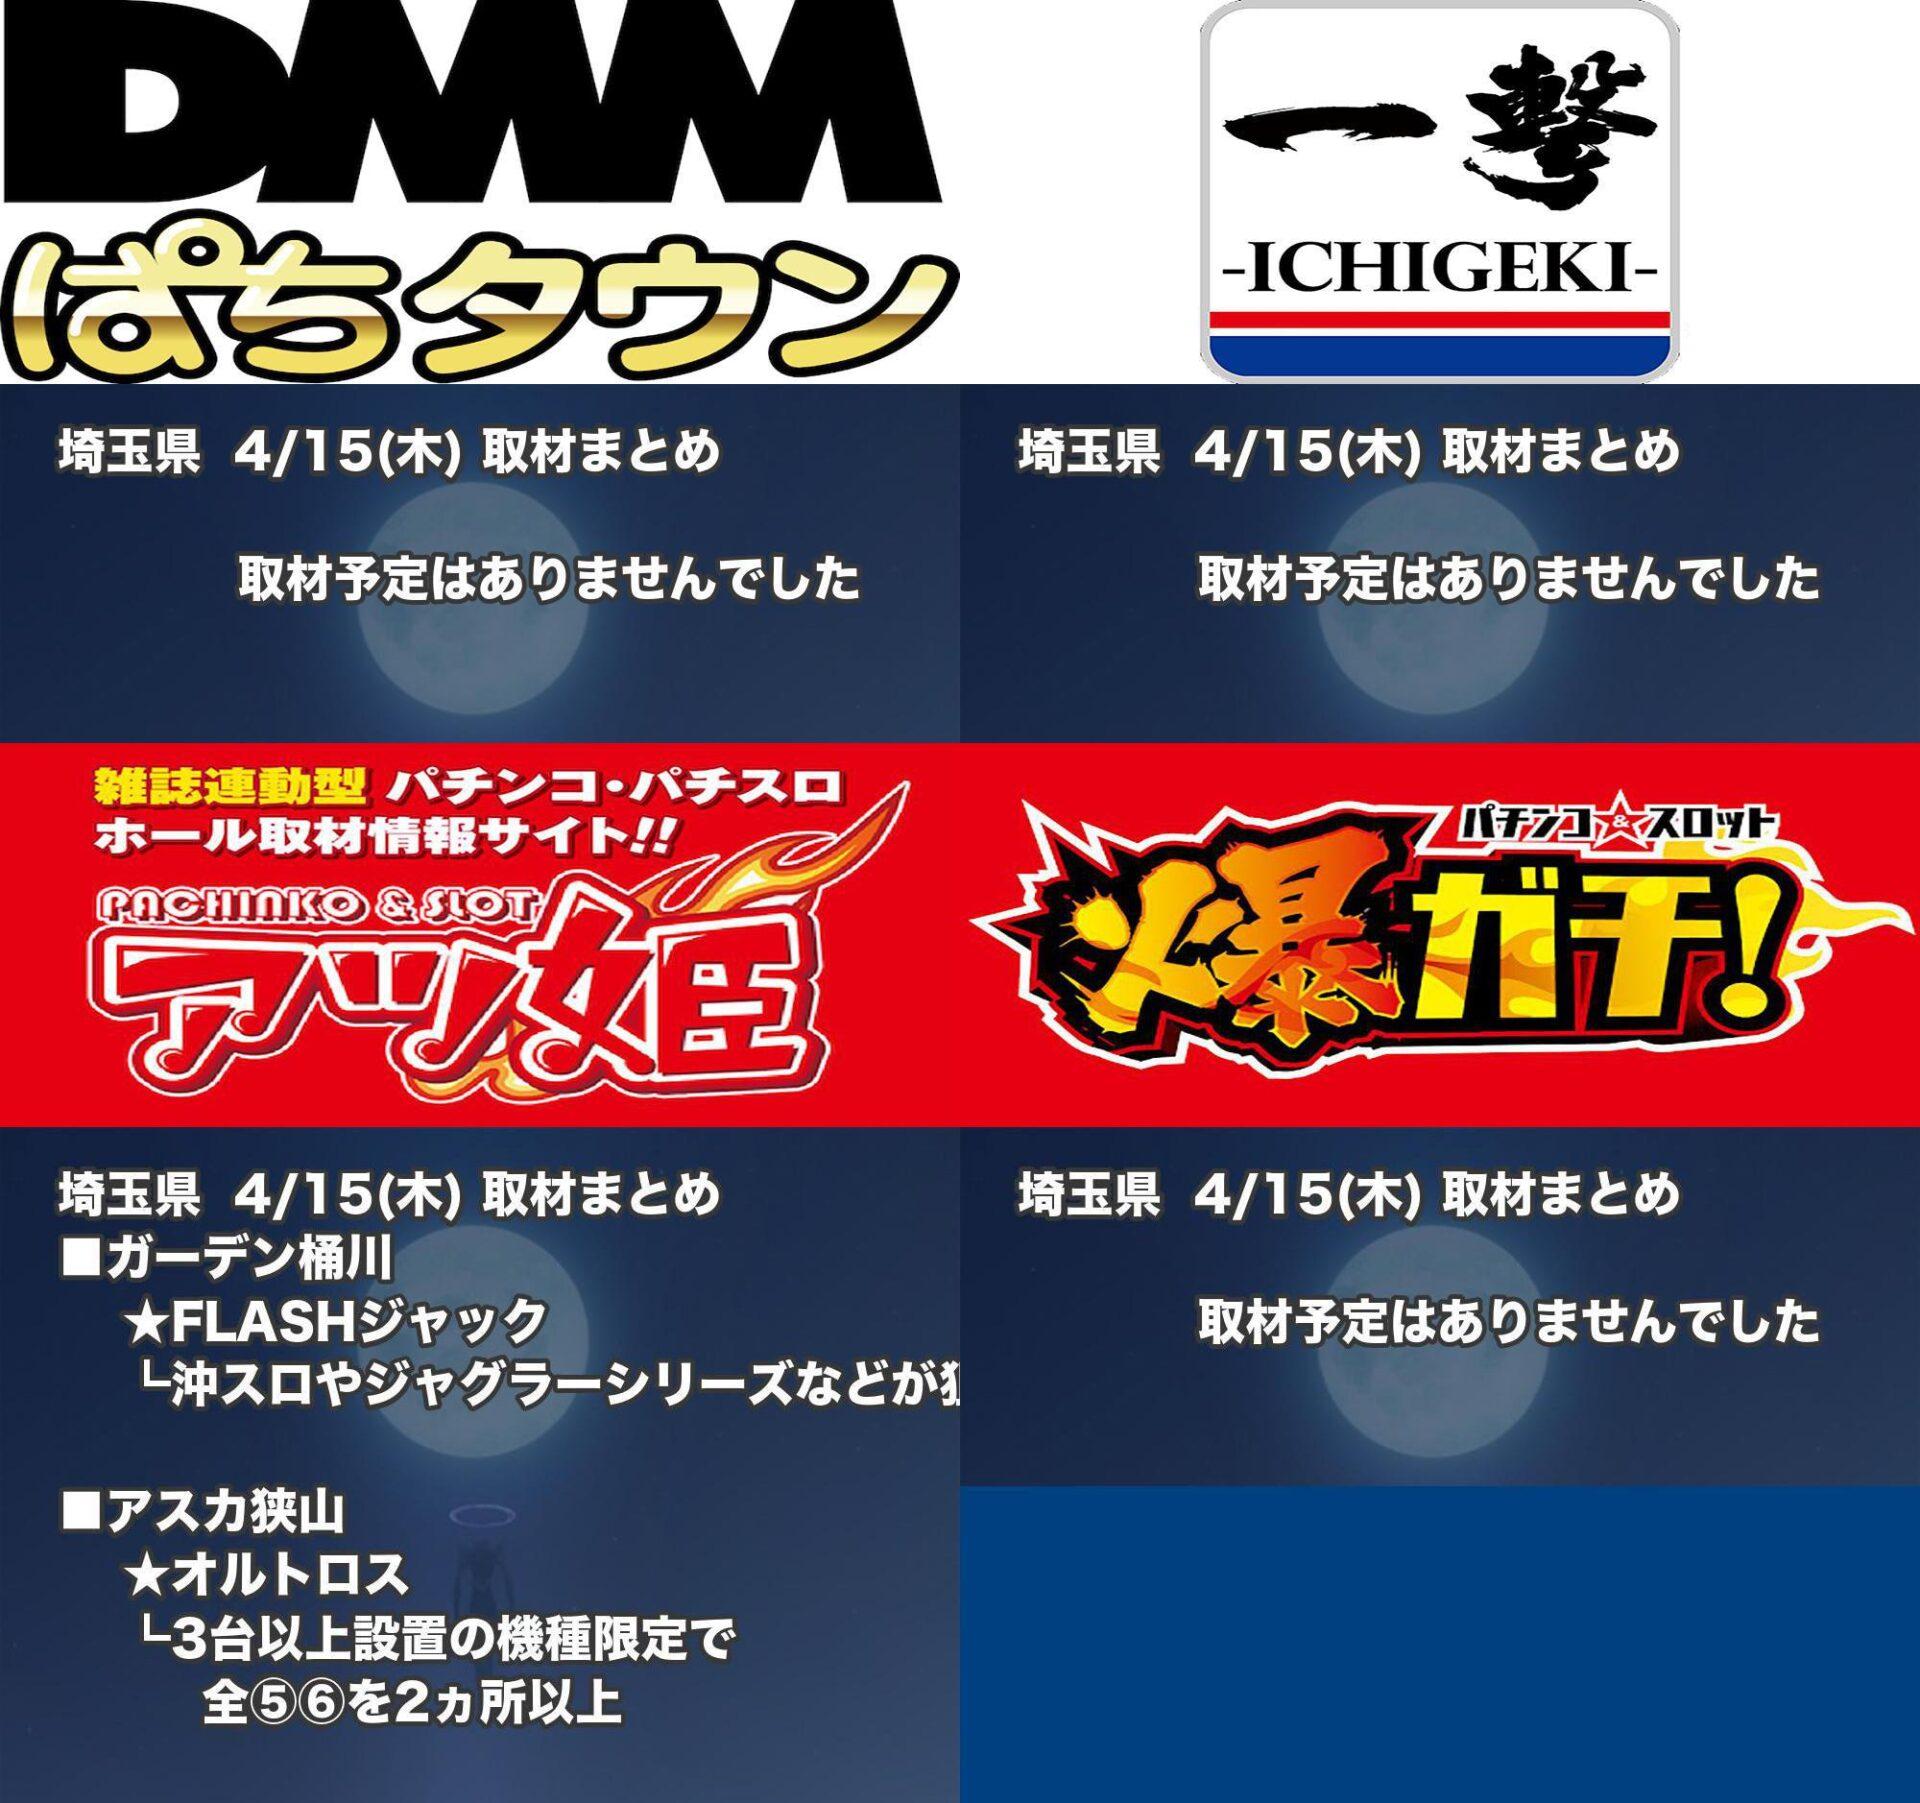 埼玉県_2021-04-15_パチンコ・パチスロ